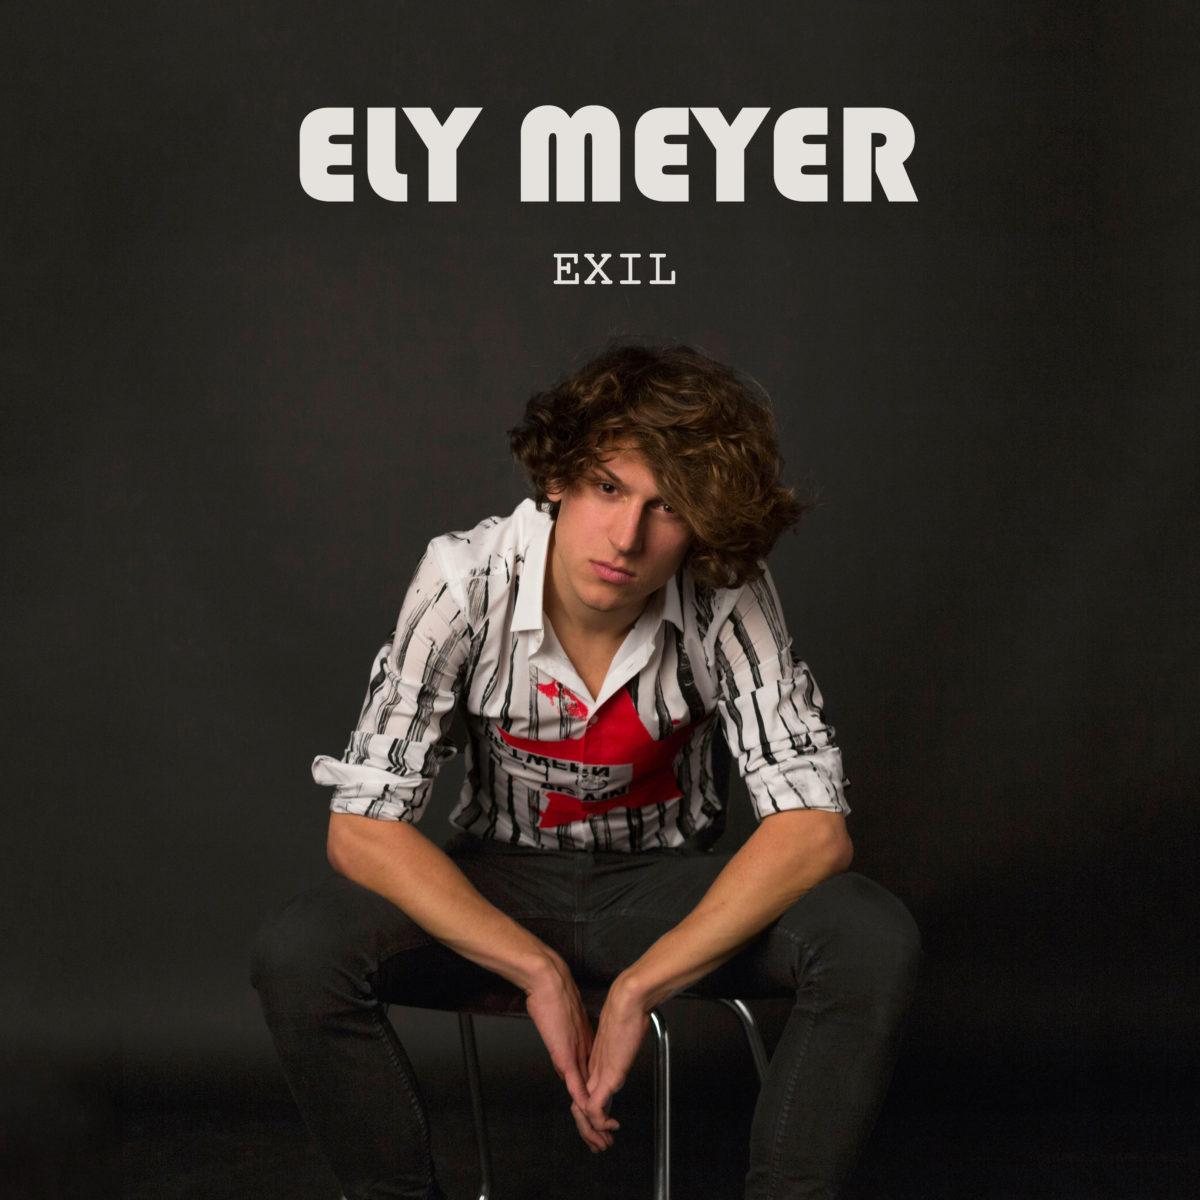 Ely Meyer – Exil